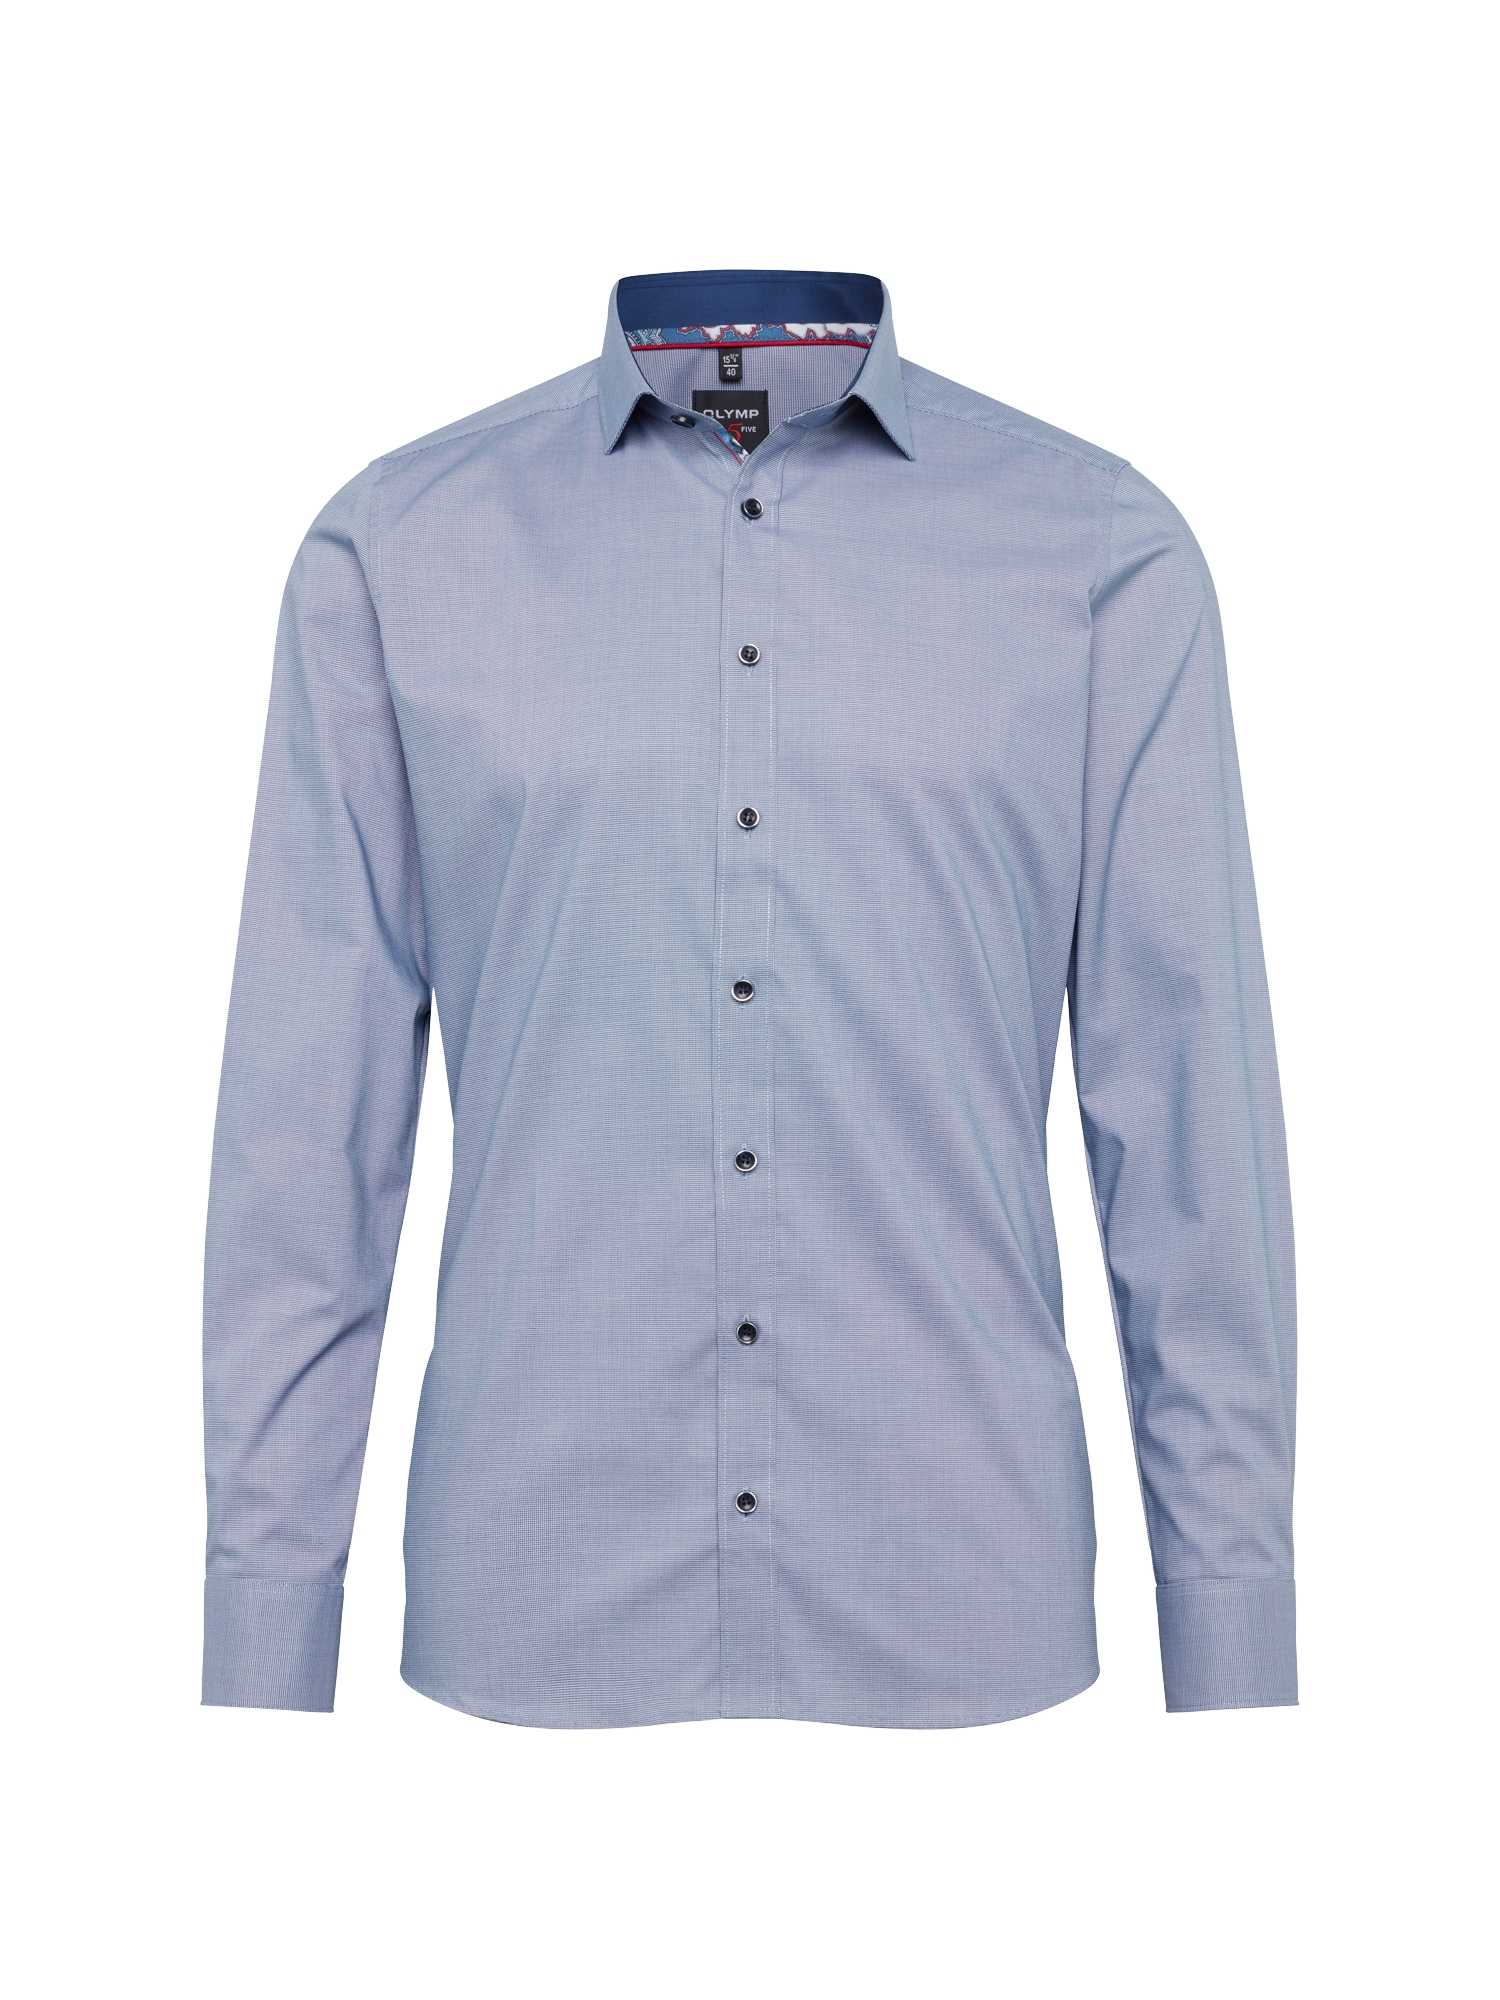 Košile Level 5 City Uni Struktur nebeská modř OLYMP